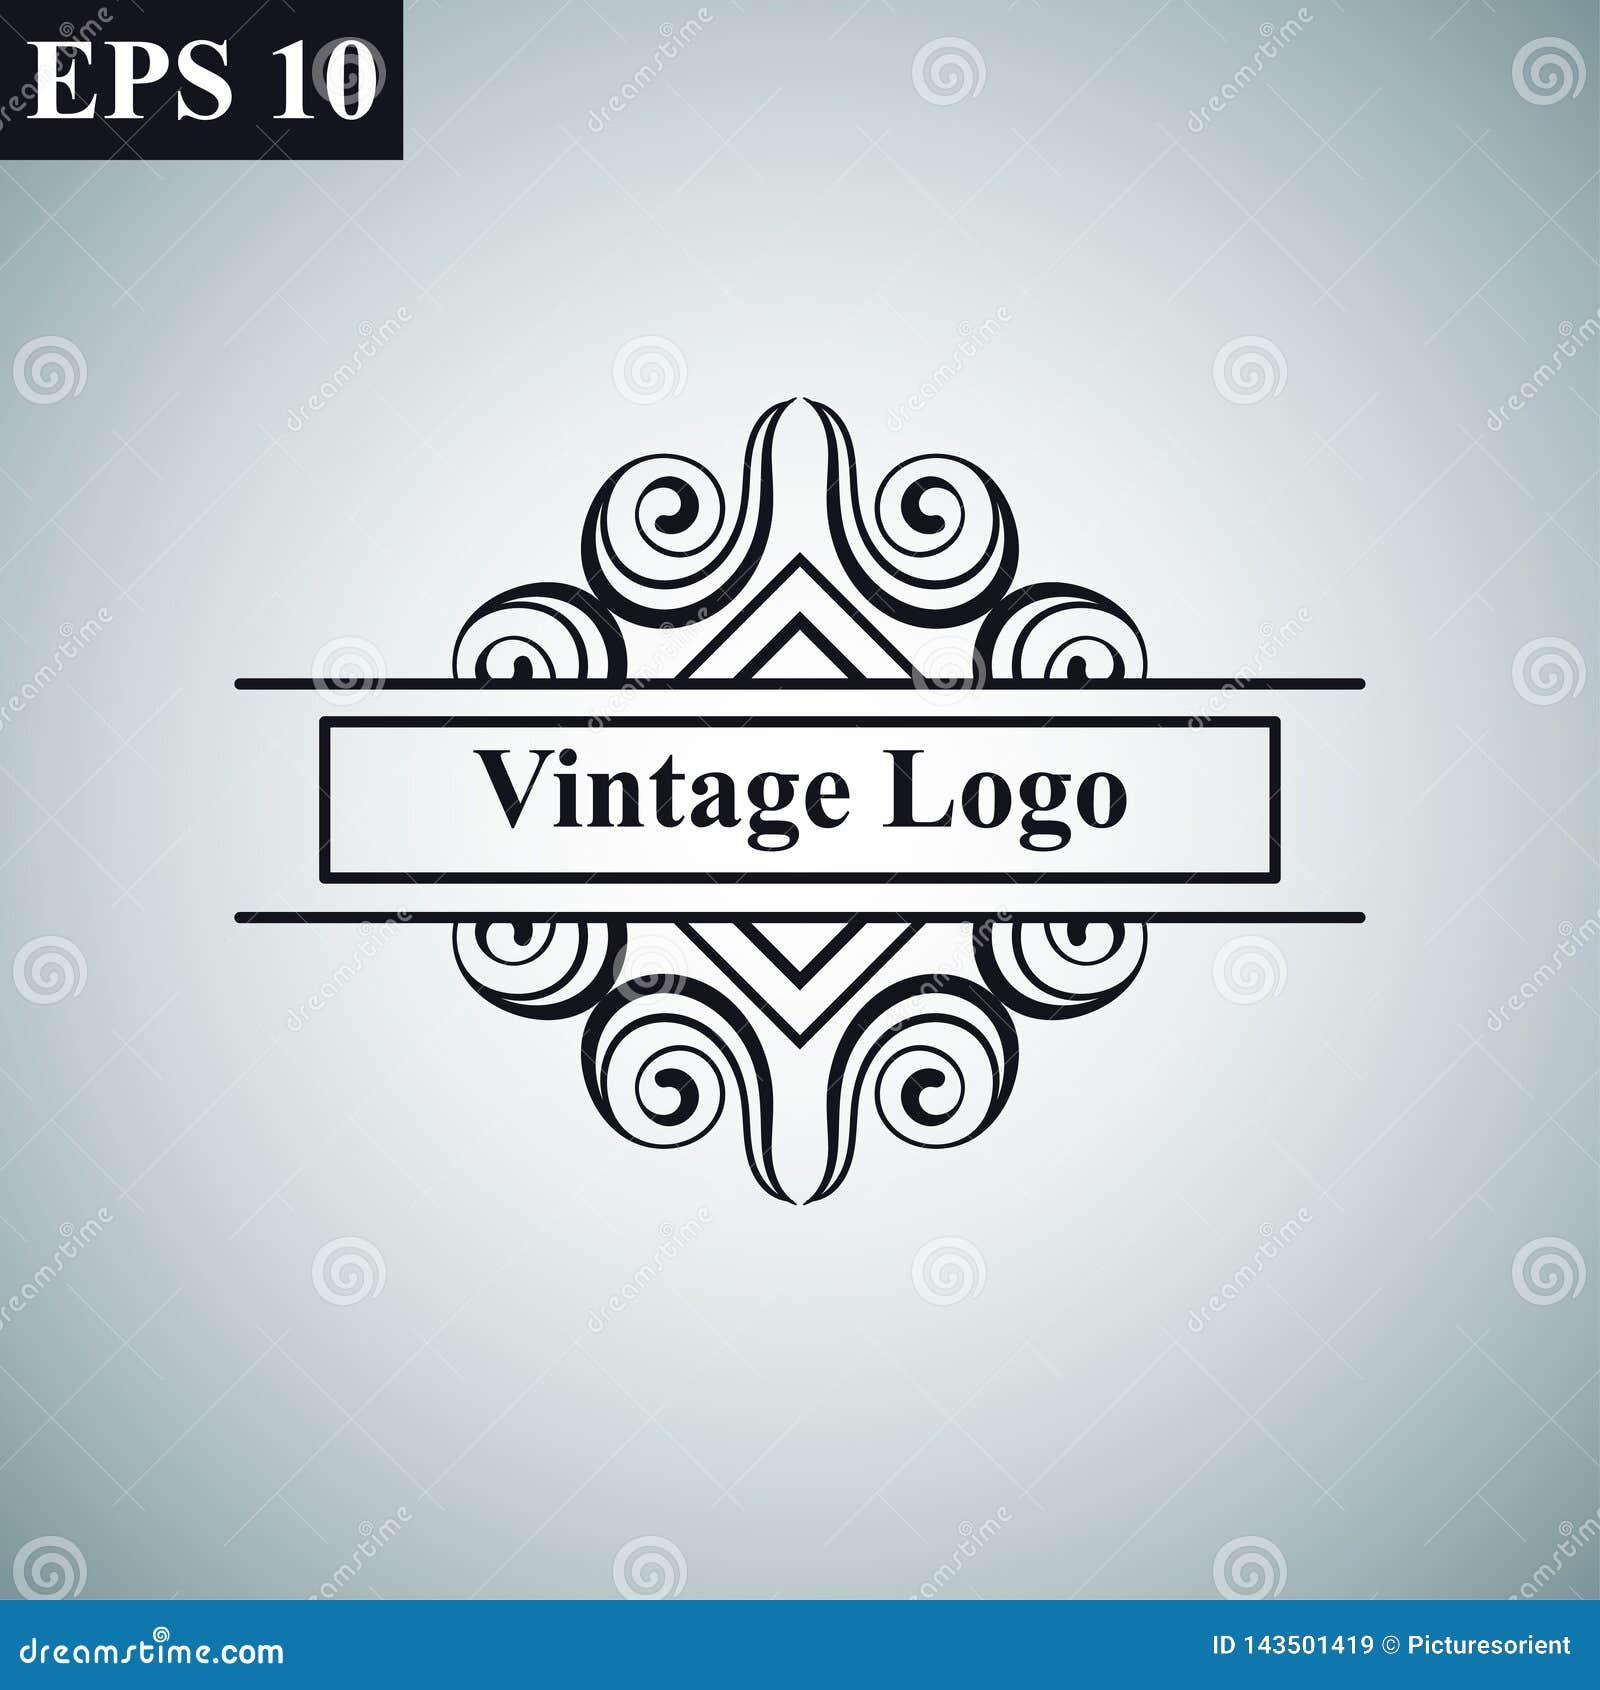 Logo för vektor för lyxig retro för tappning dekorativ antik för art déco monokrom tappning för hipster minsta geometrisk linjär